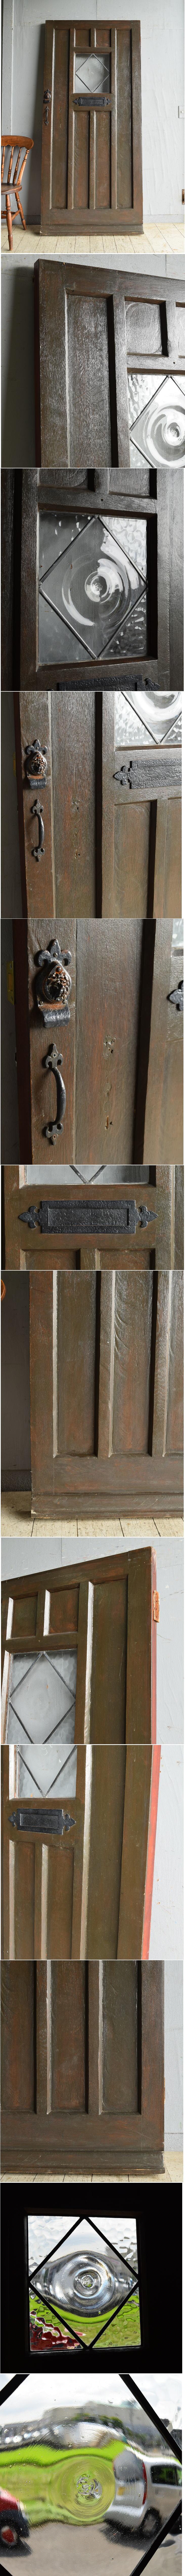 イギリス アンティーク ドア 扉 建具 8685